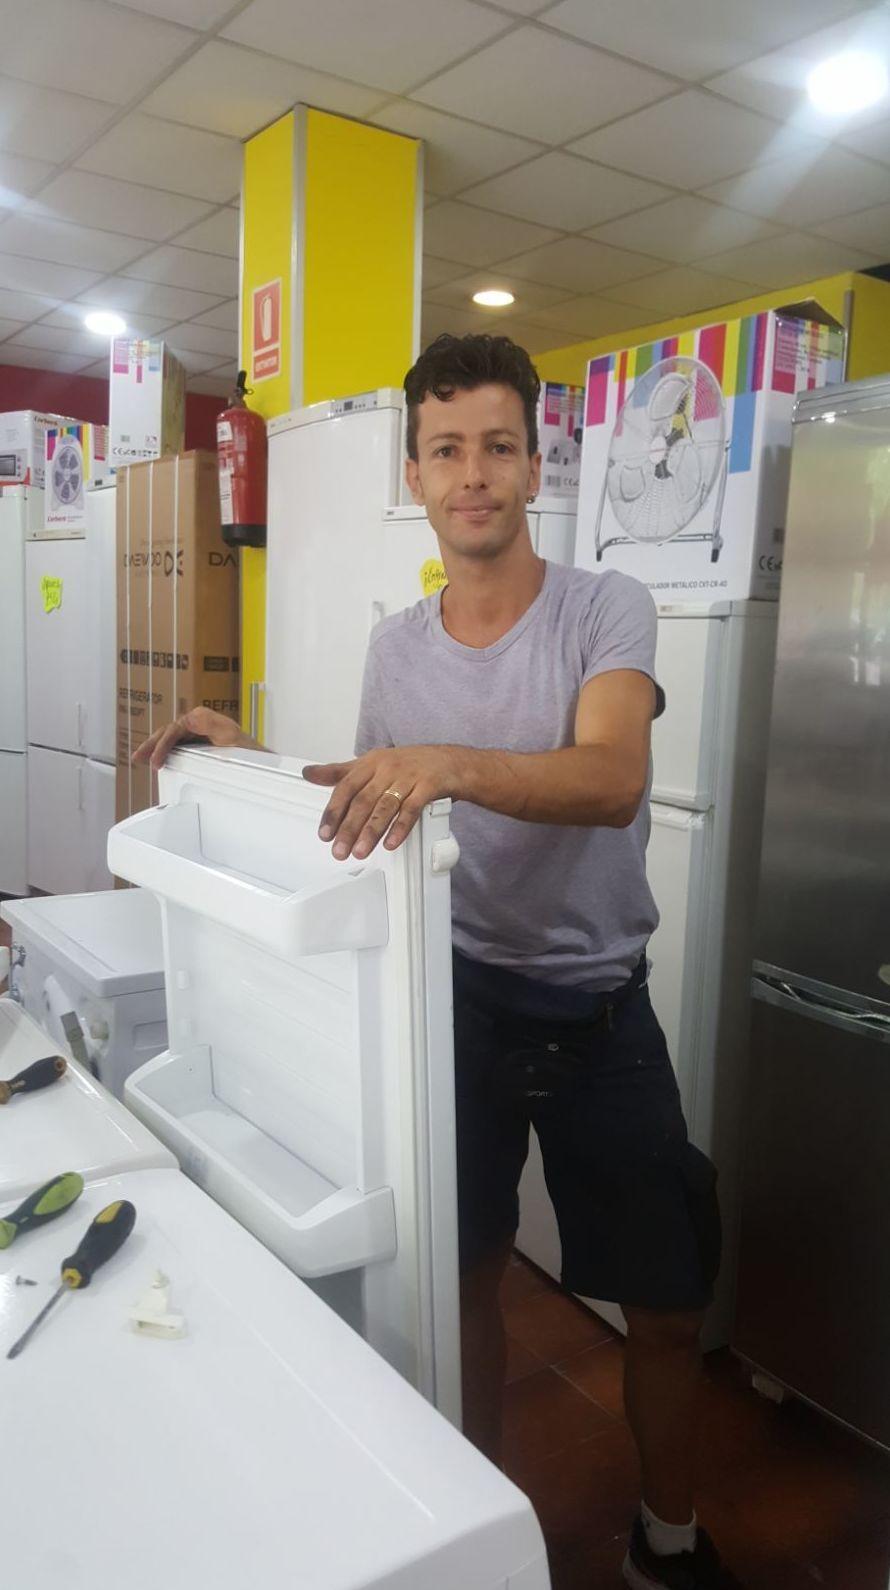 Servicio Técnico: Catálogo de Electrodomésticos Carlos